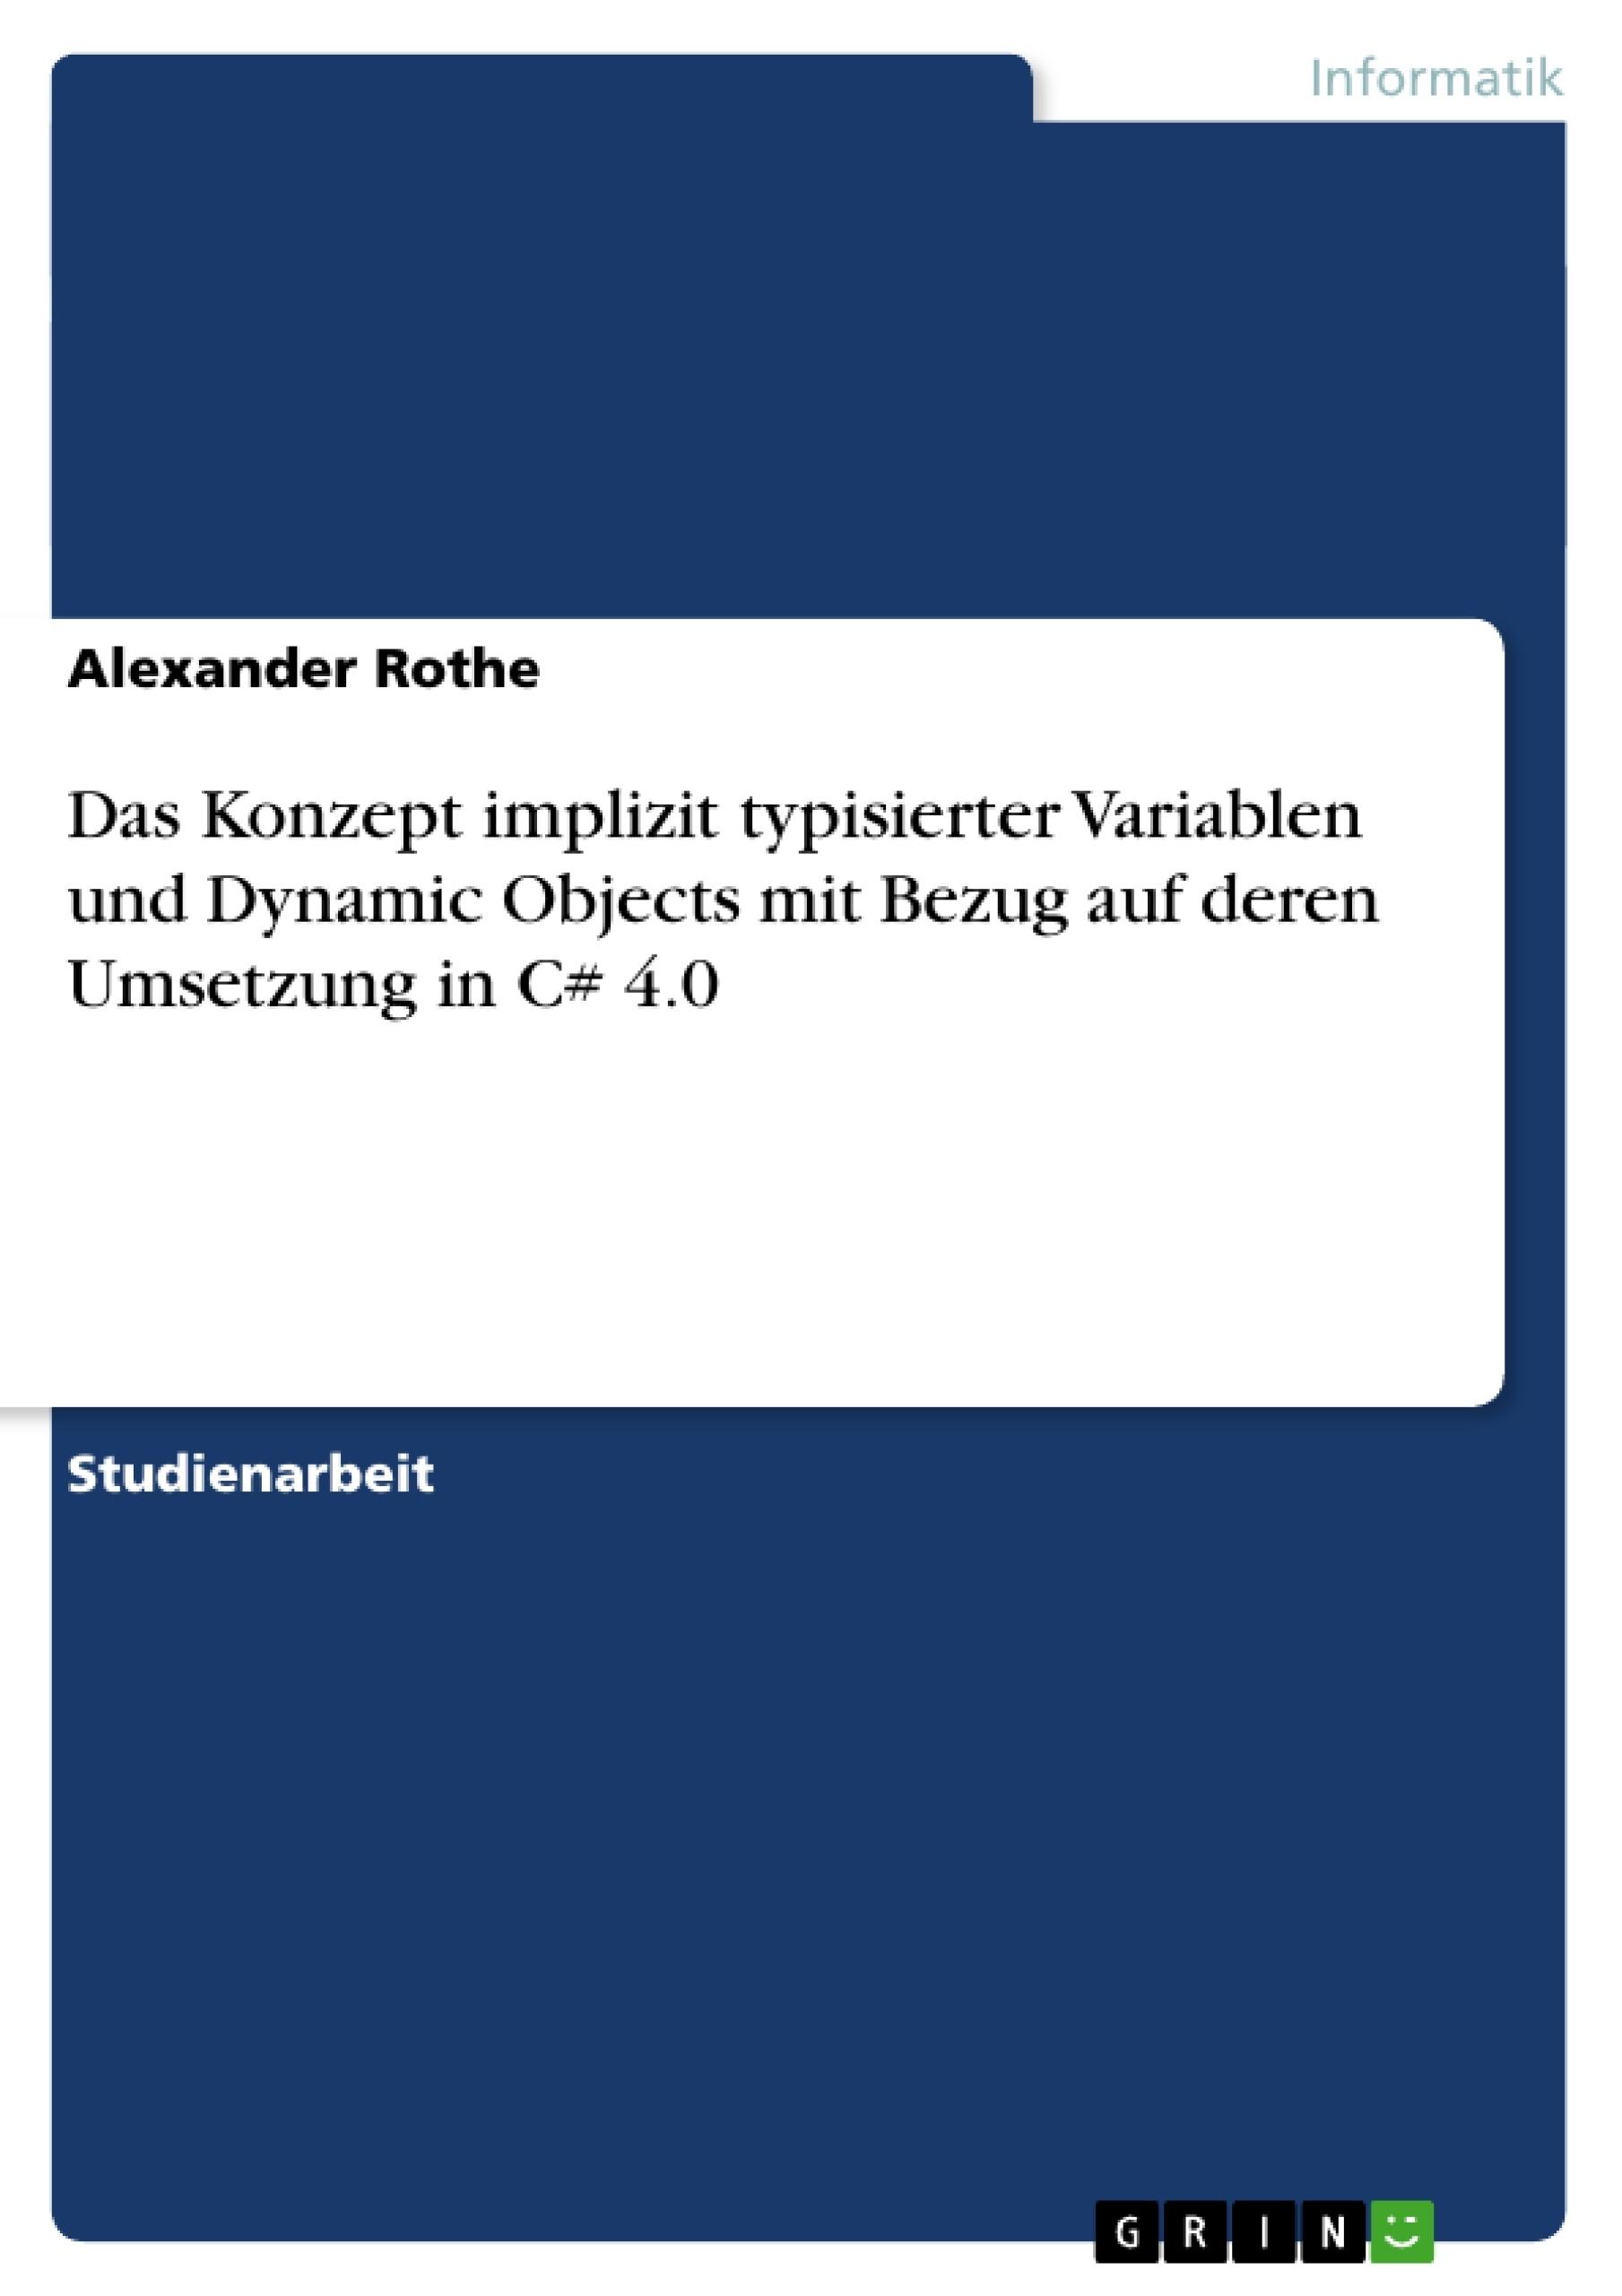 Titel: Das Konzept implizit typisierter Variablen und Dynamic Objects mit Bezug auf deren Umsetzung in C# 4.0